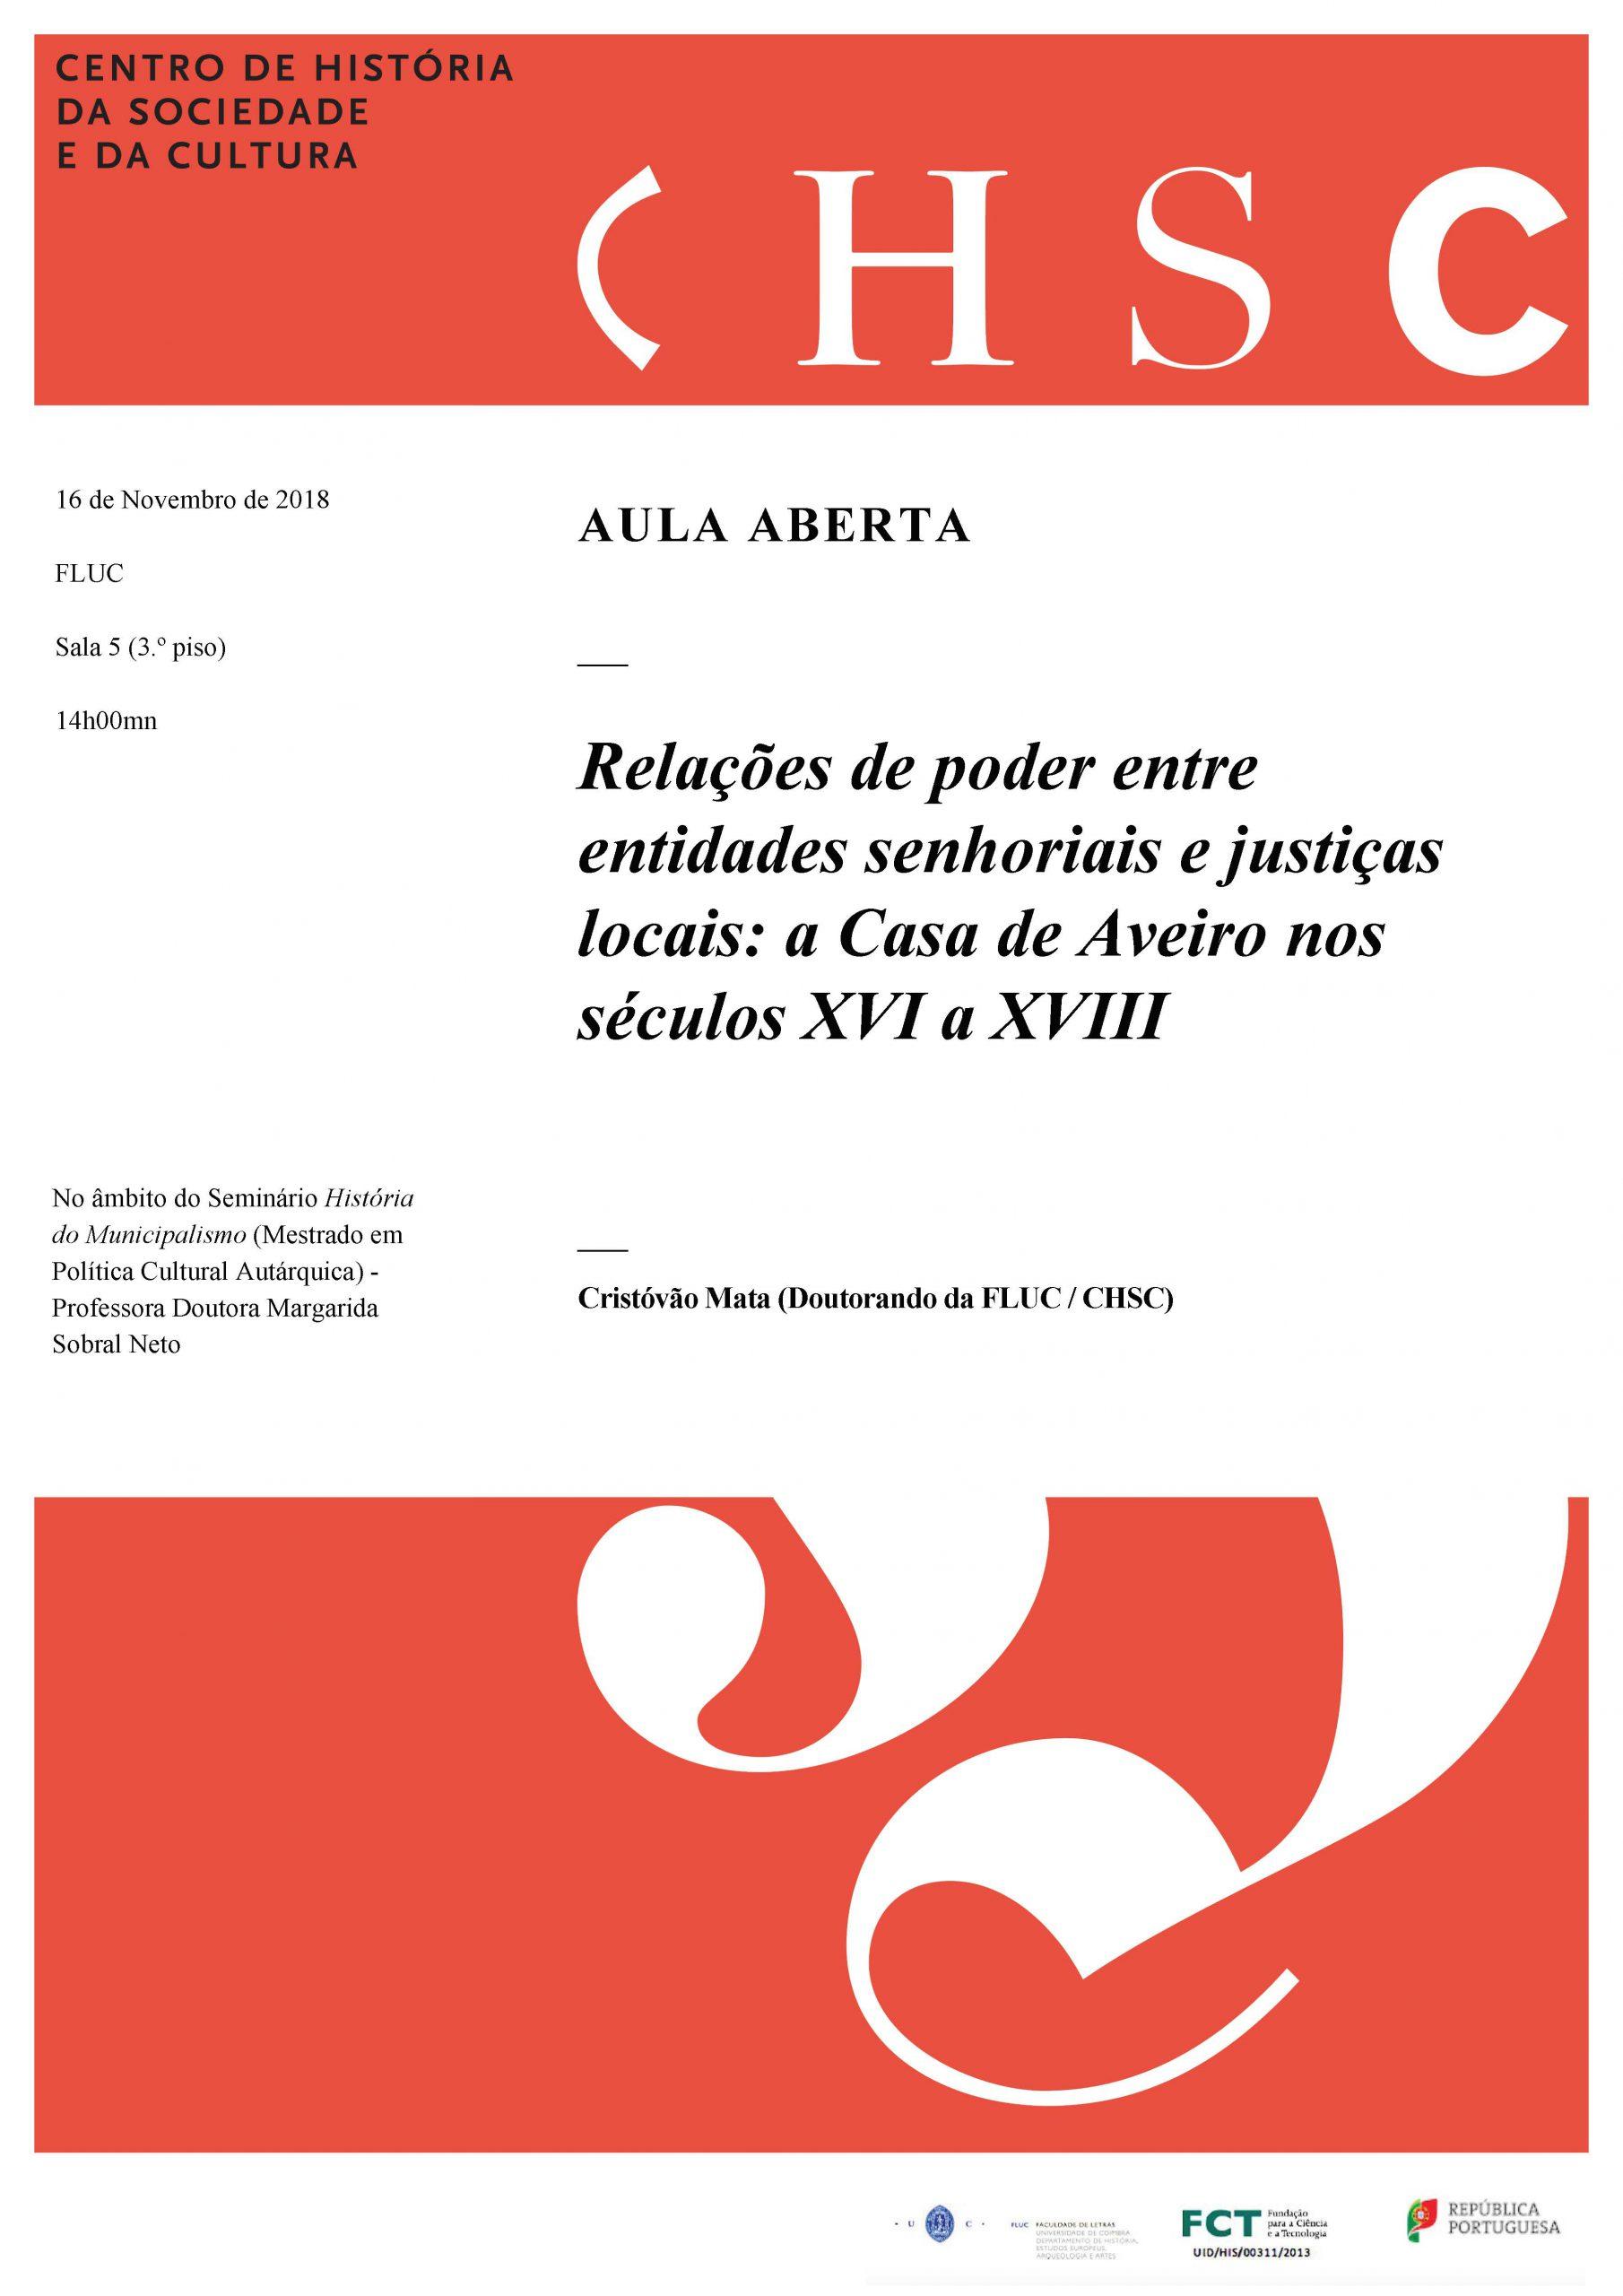 AULA ABERTA – RELAÇÕES DE PODER ENTRE ENTIDADES SENHORIAIS E JUSTIÇAS LOCAIS: A CASA DE AVEIRO NOS SÉCULOS XVI A XVIII